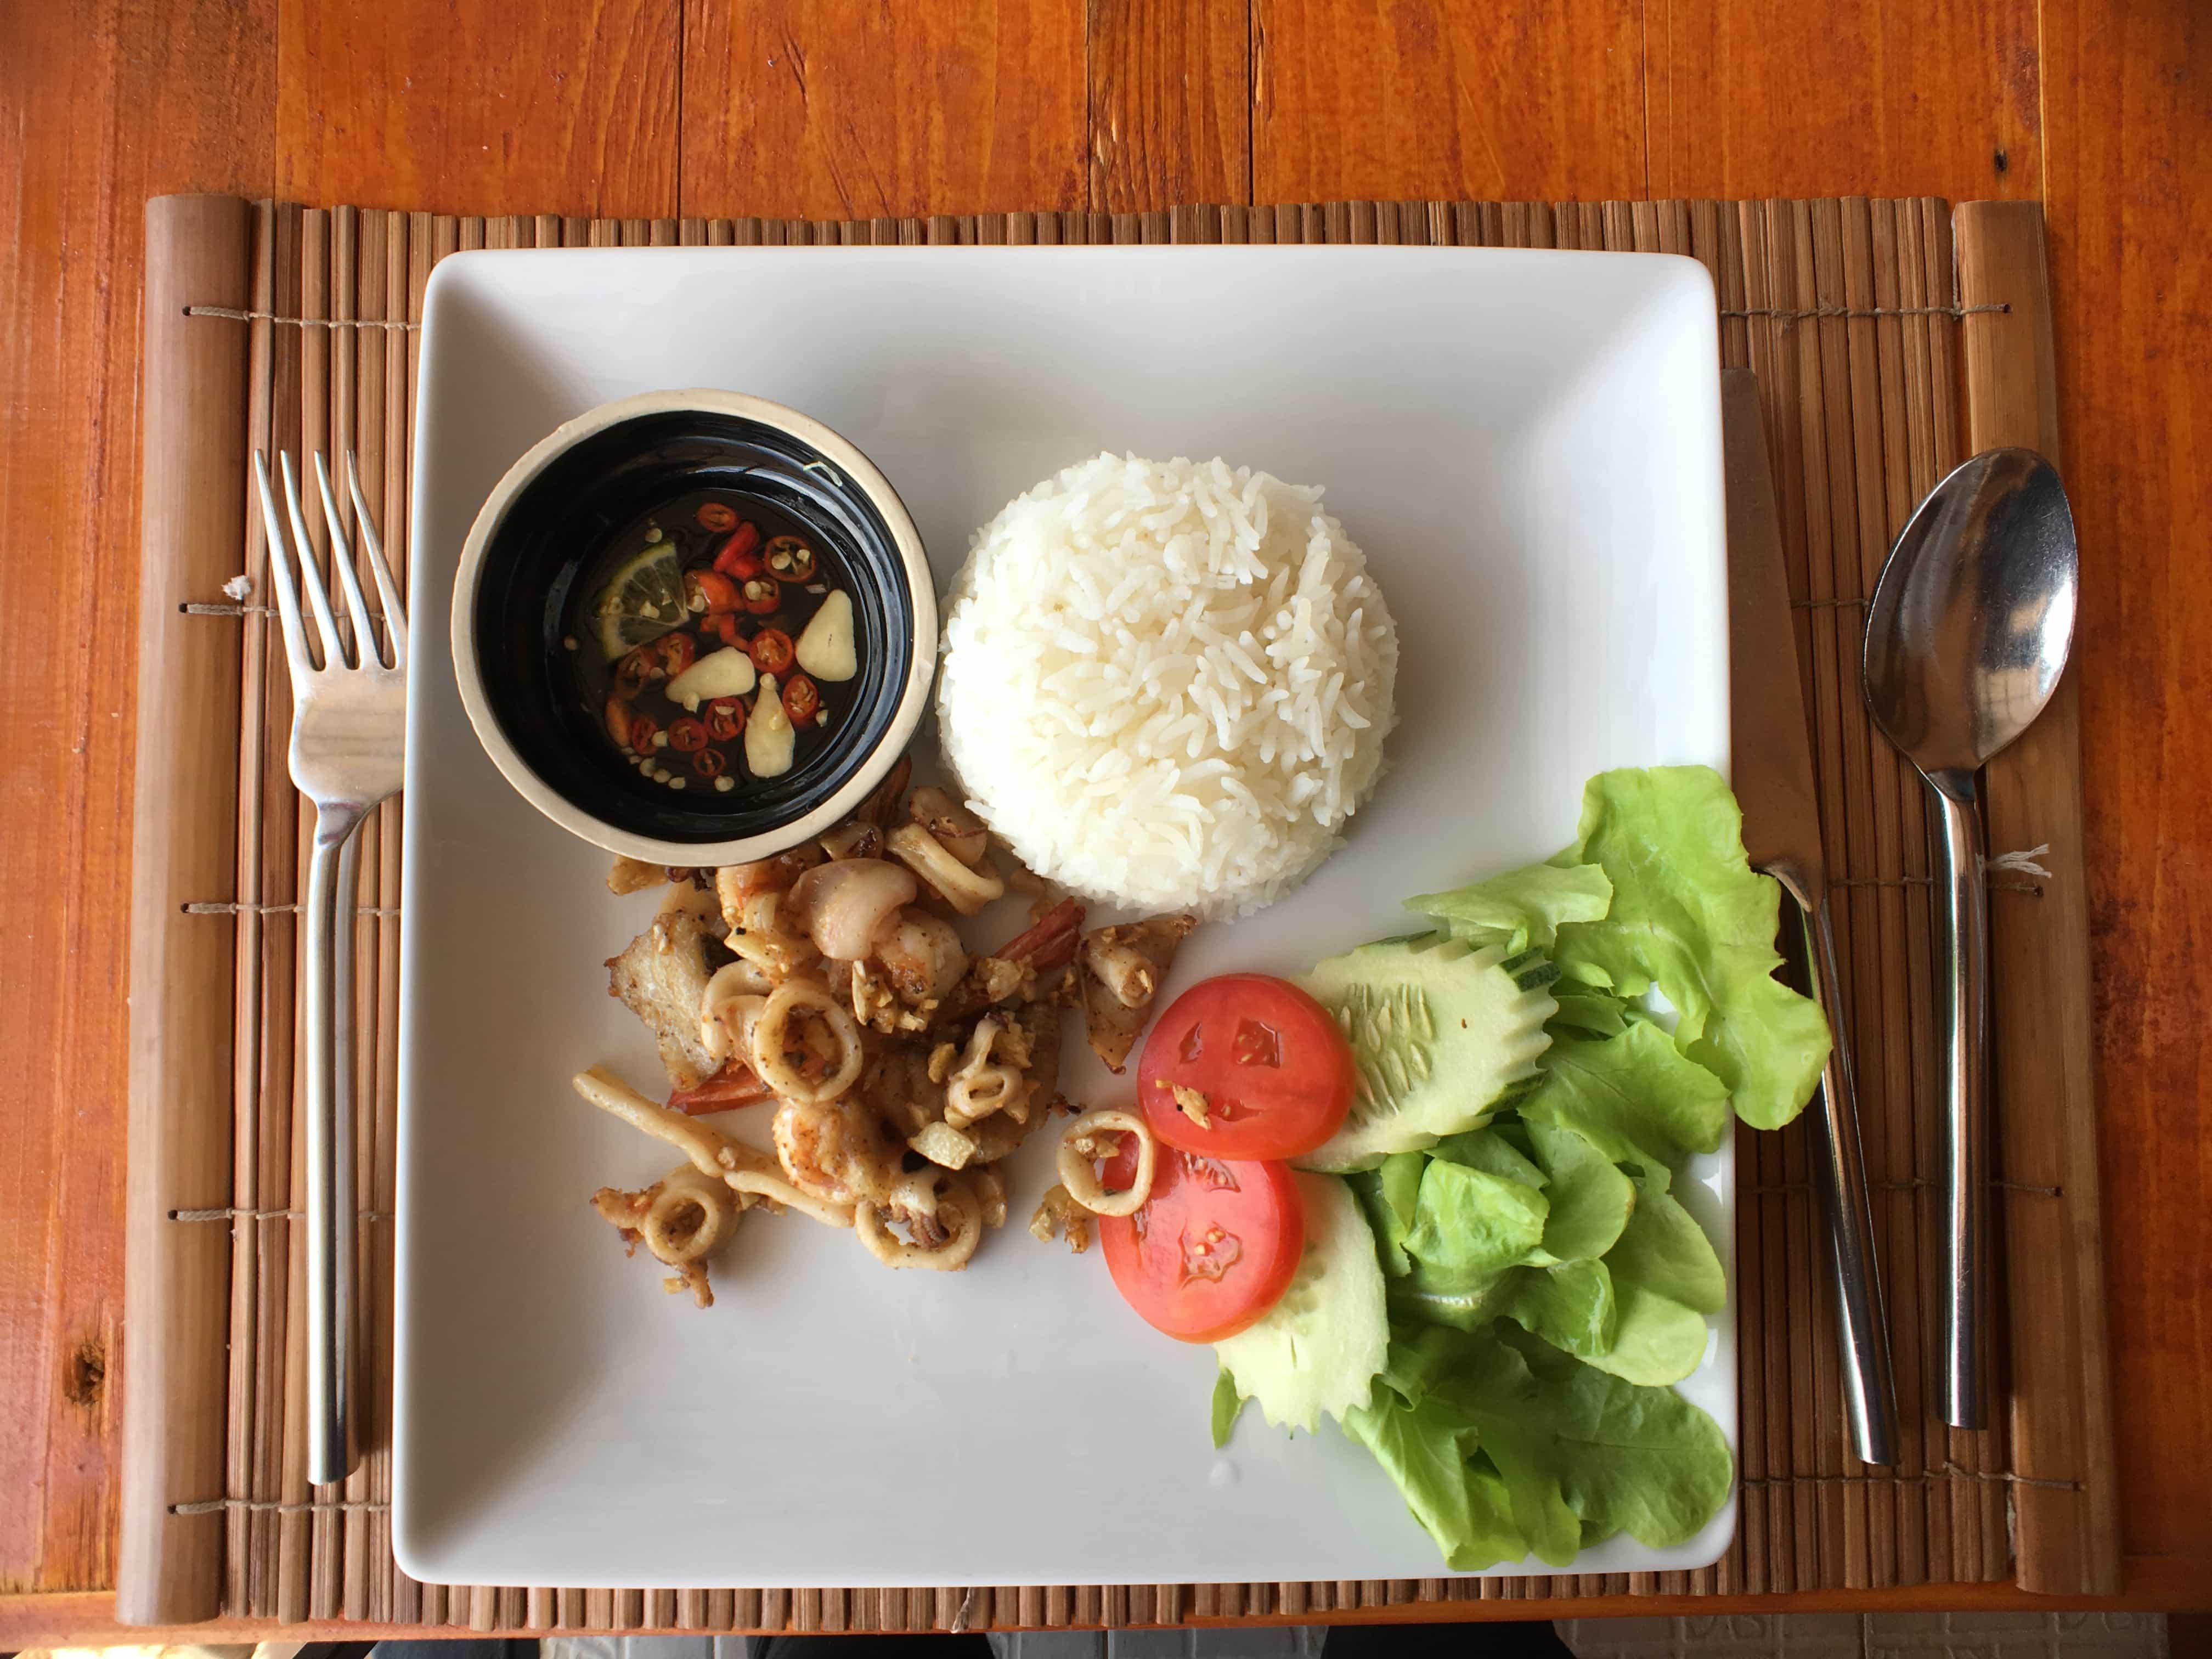 Thai food is amazing